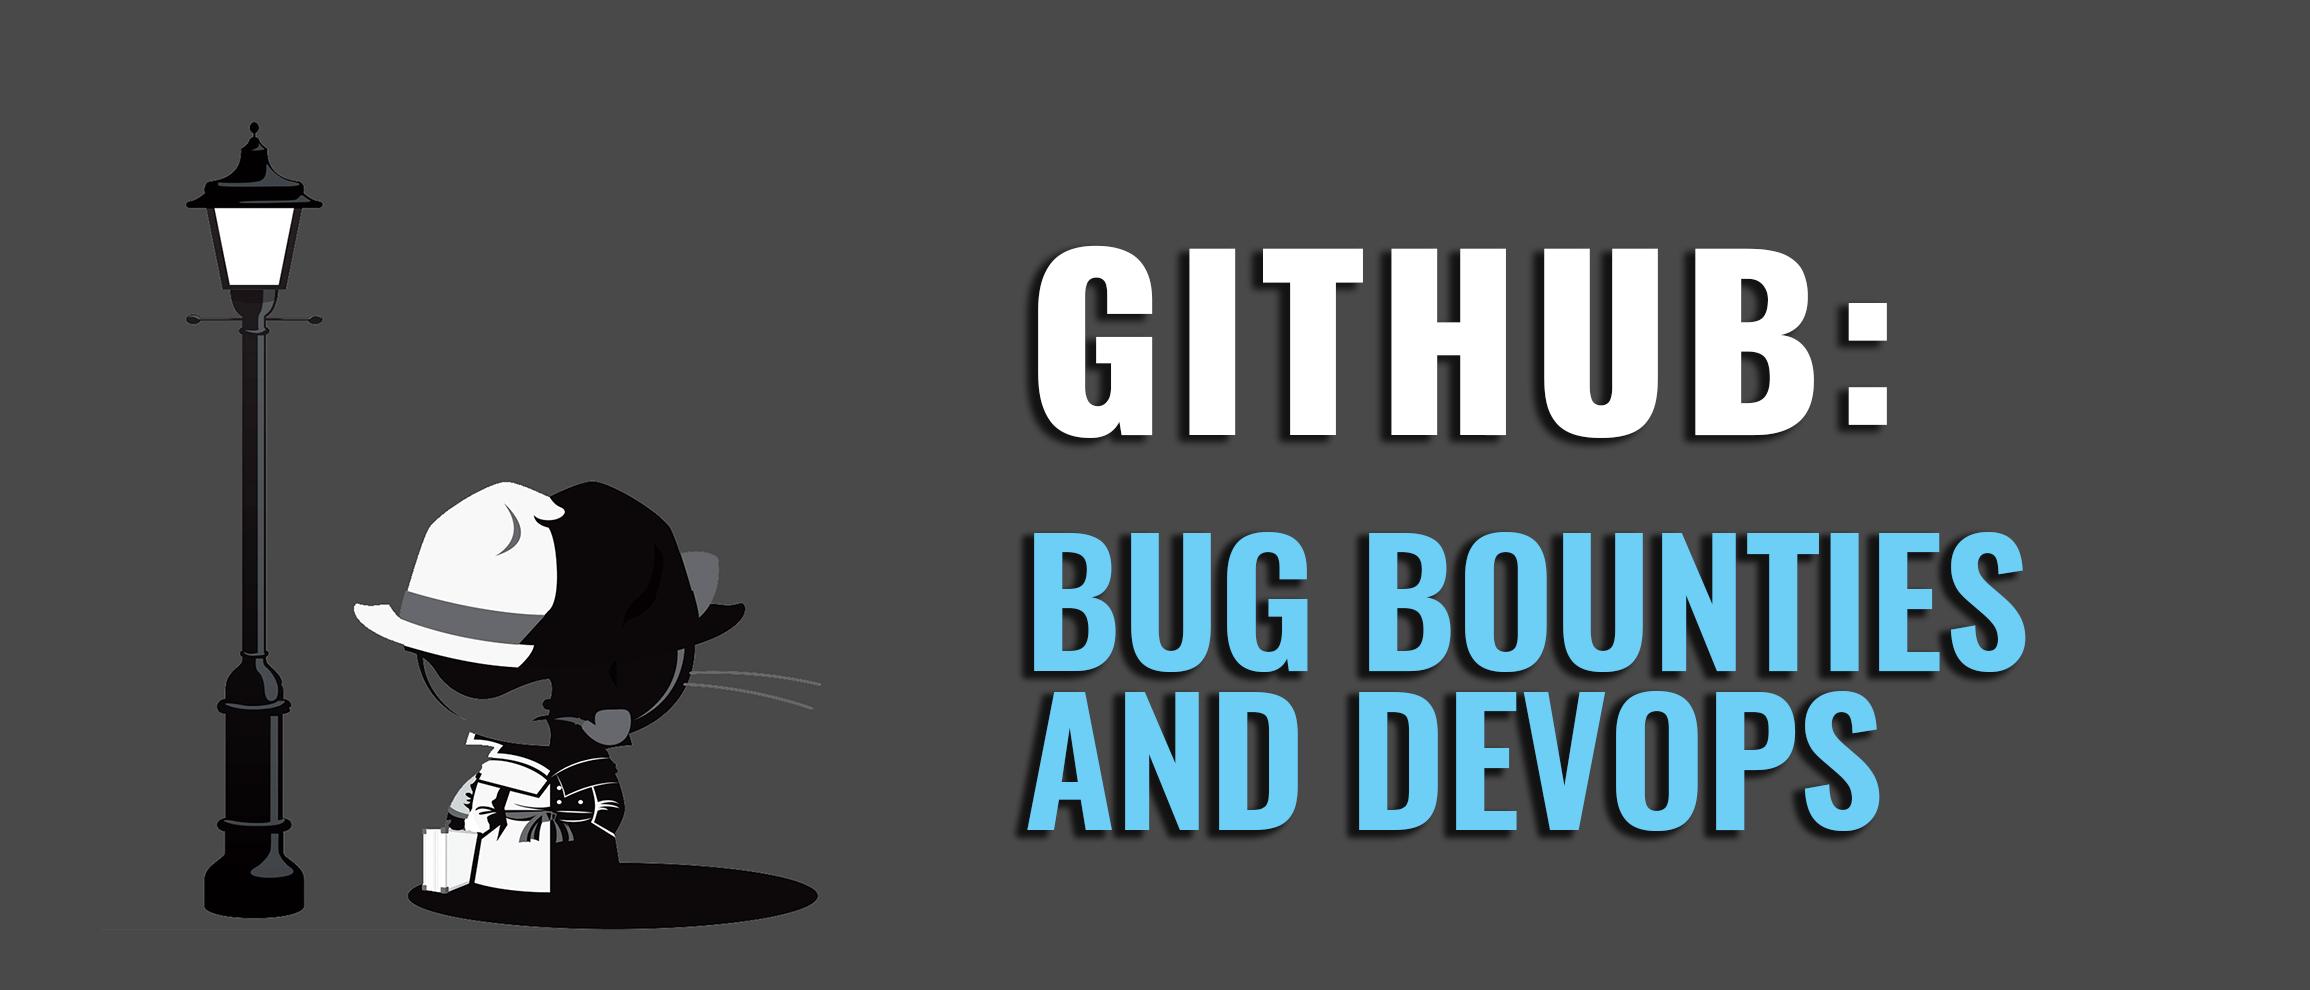 GitHub, Bug bounties and DevOps - DevOps com